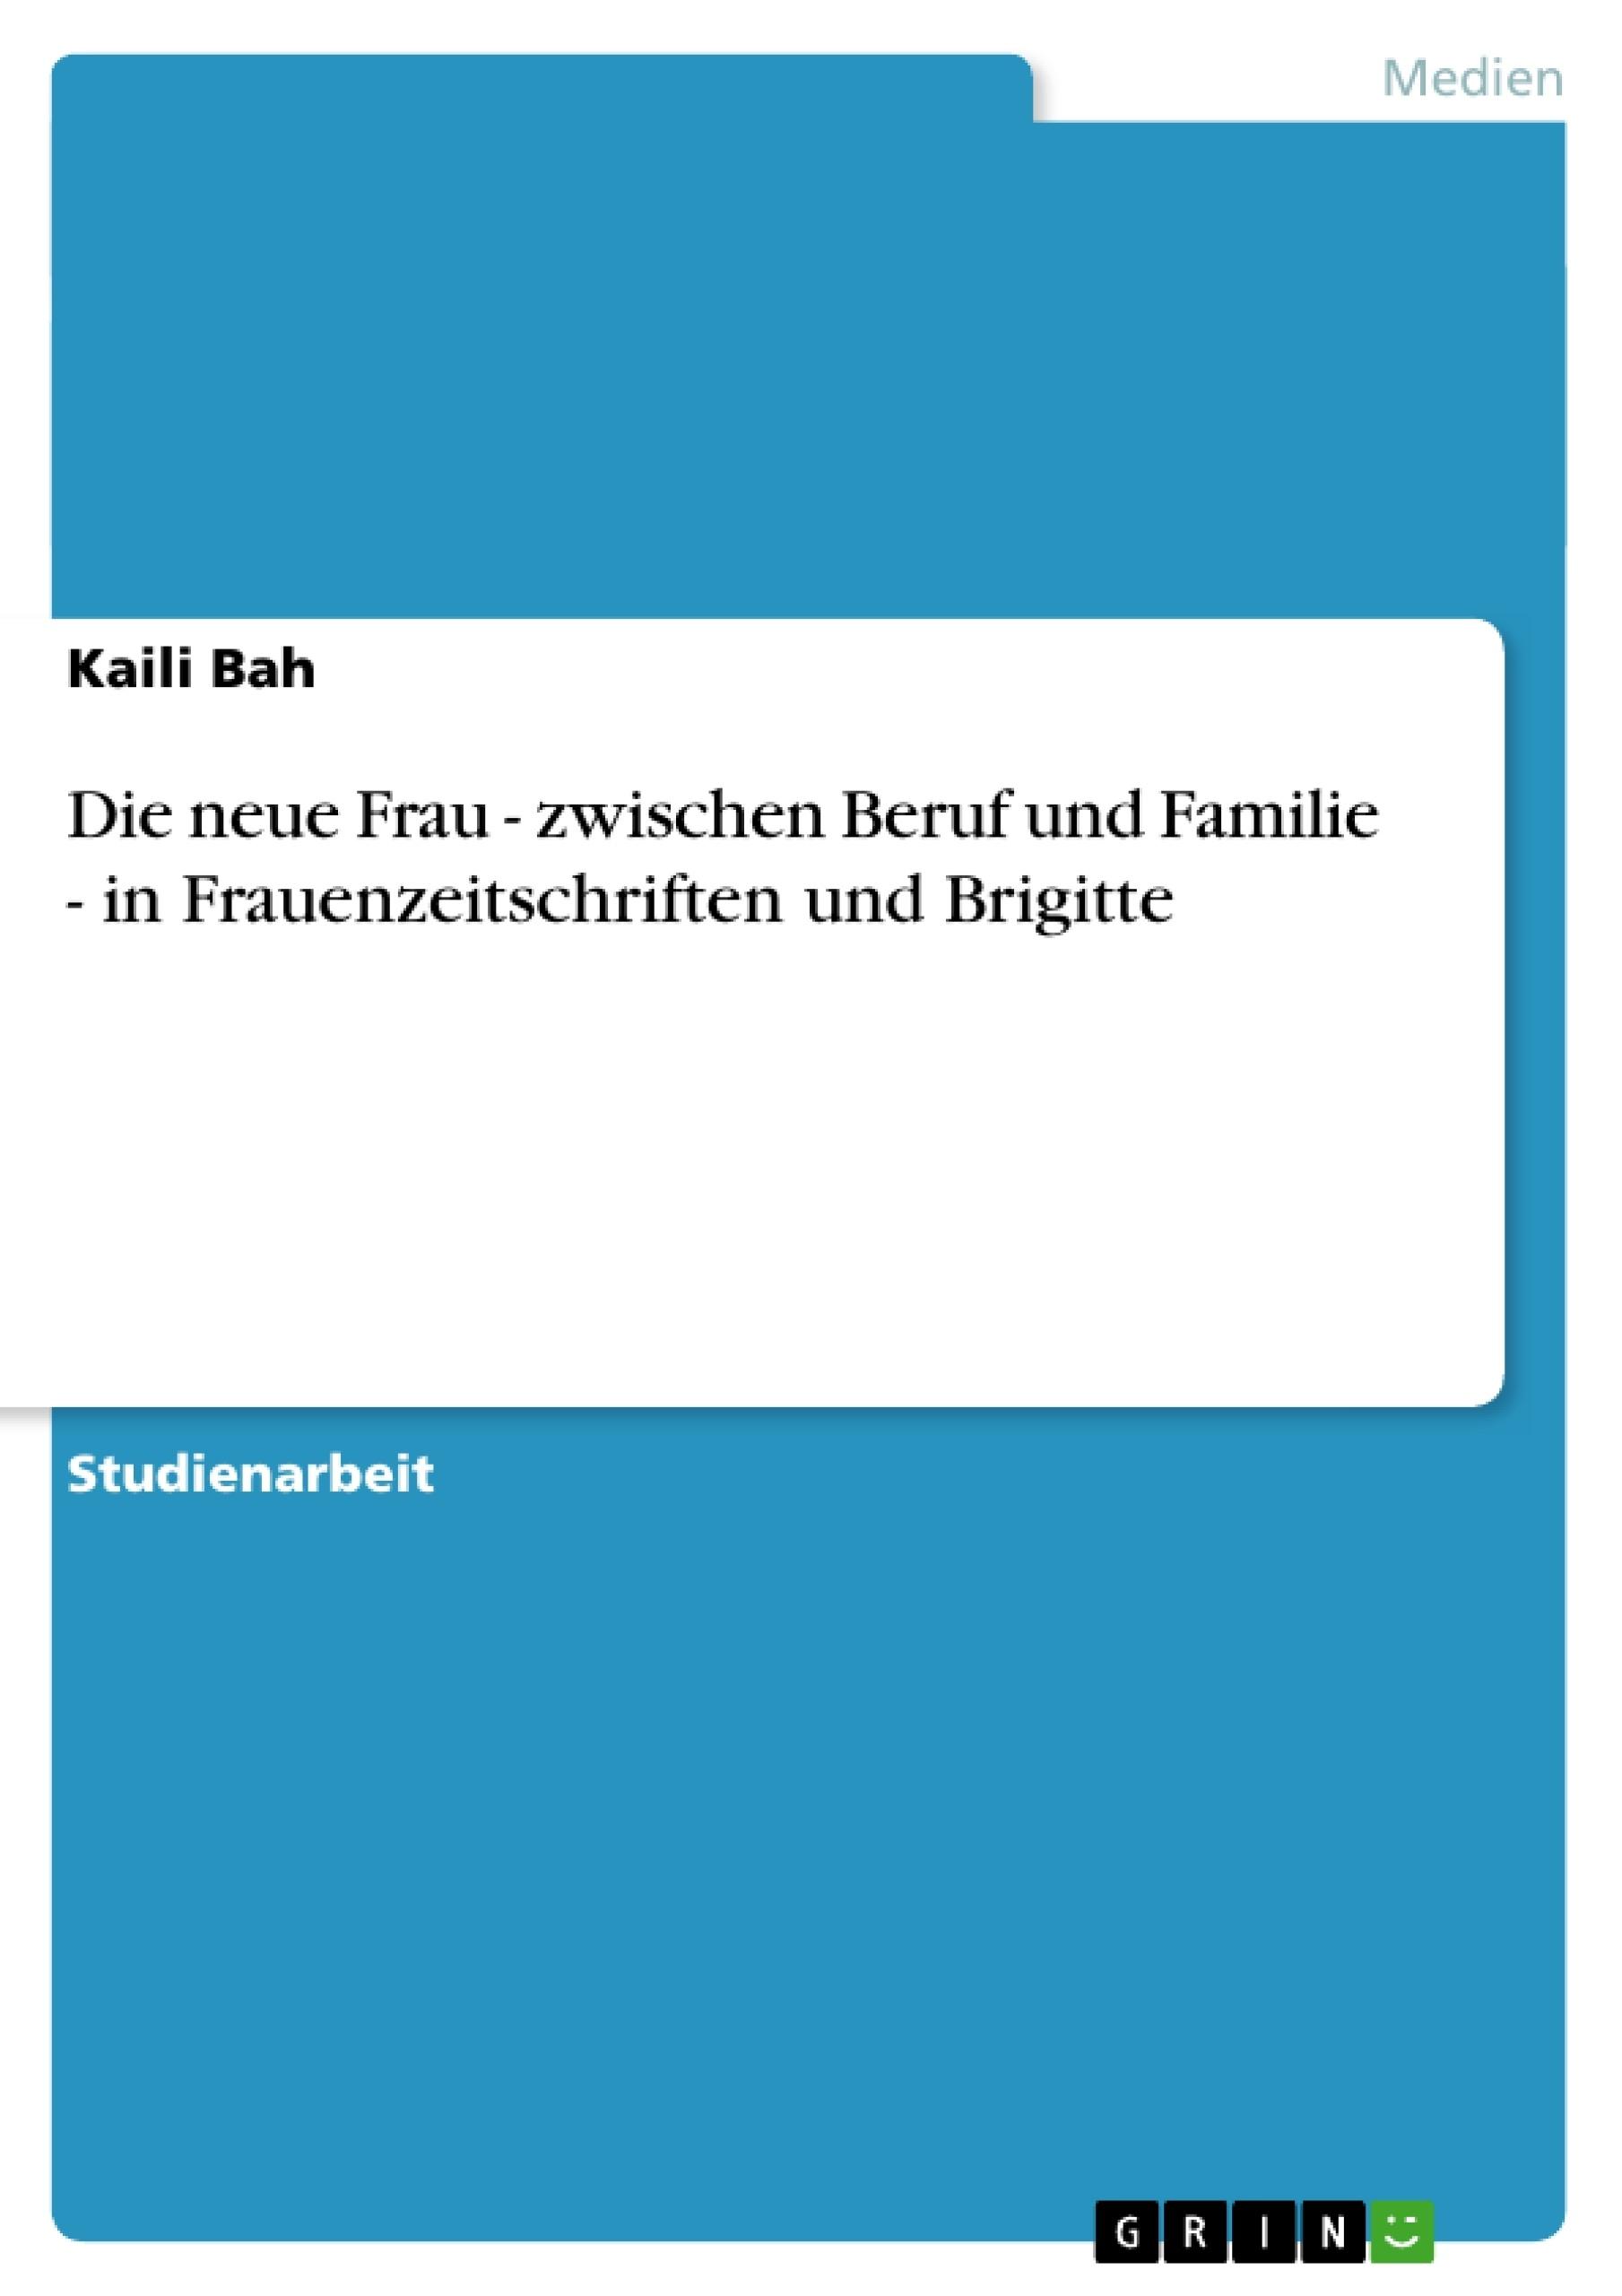 Titel: Die neue Frau - zwischen Beruf und Familie - in Frauenzeitschriften und Brigitte